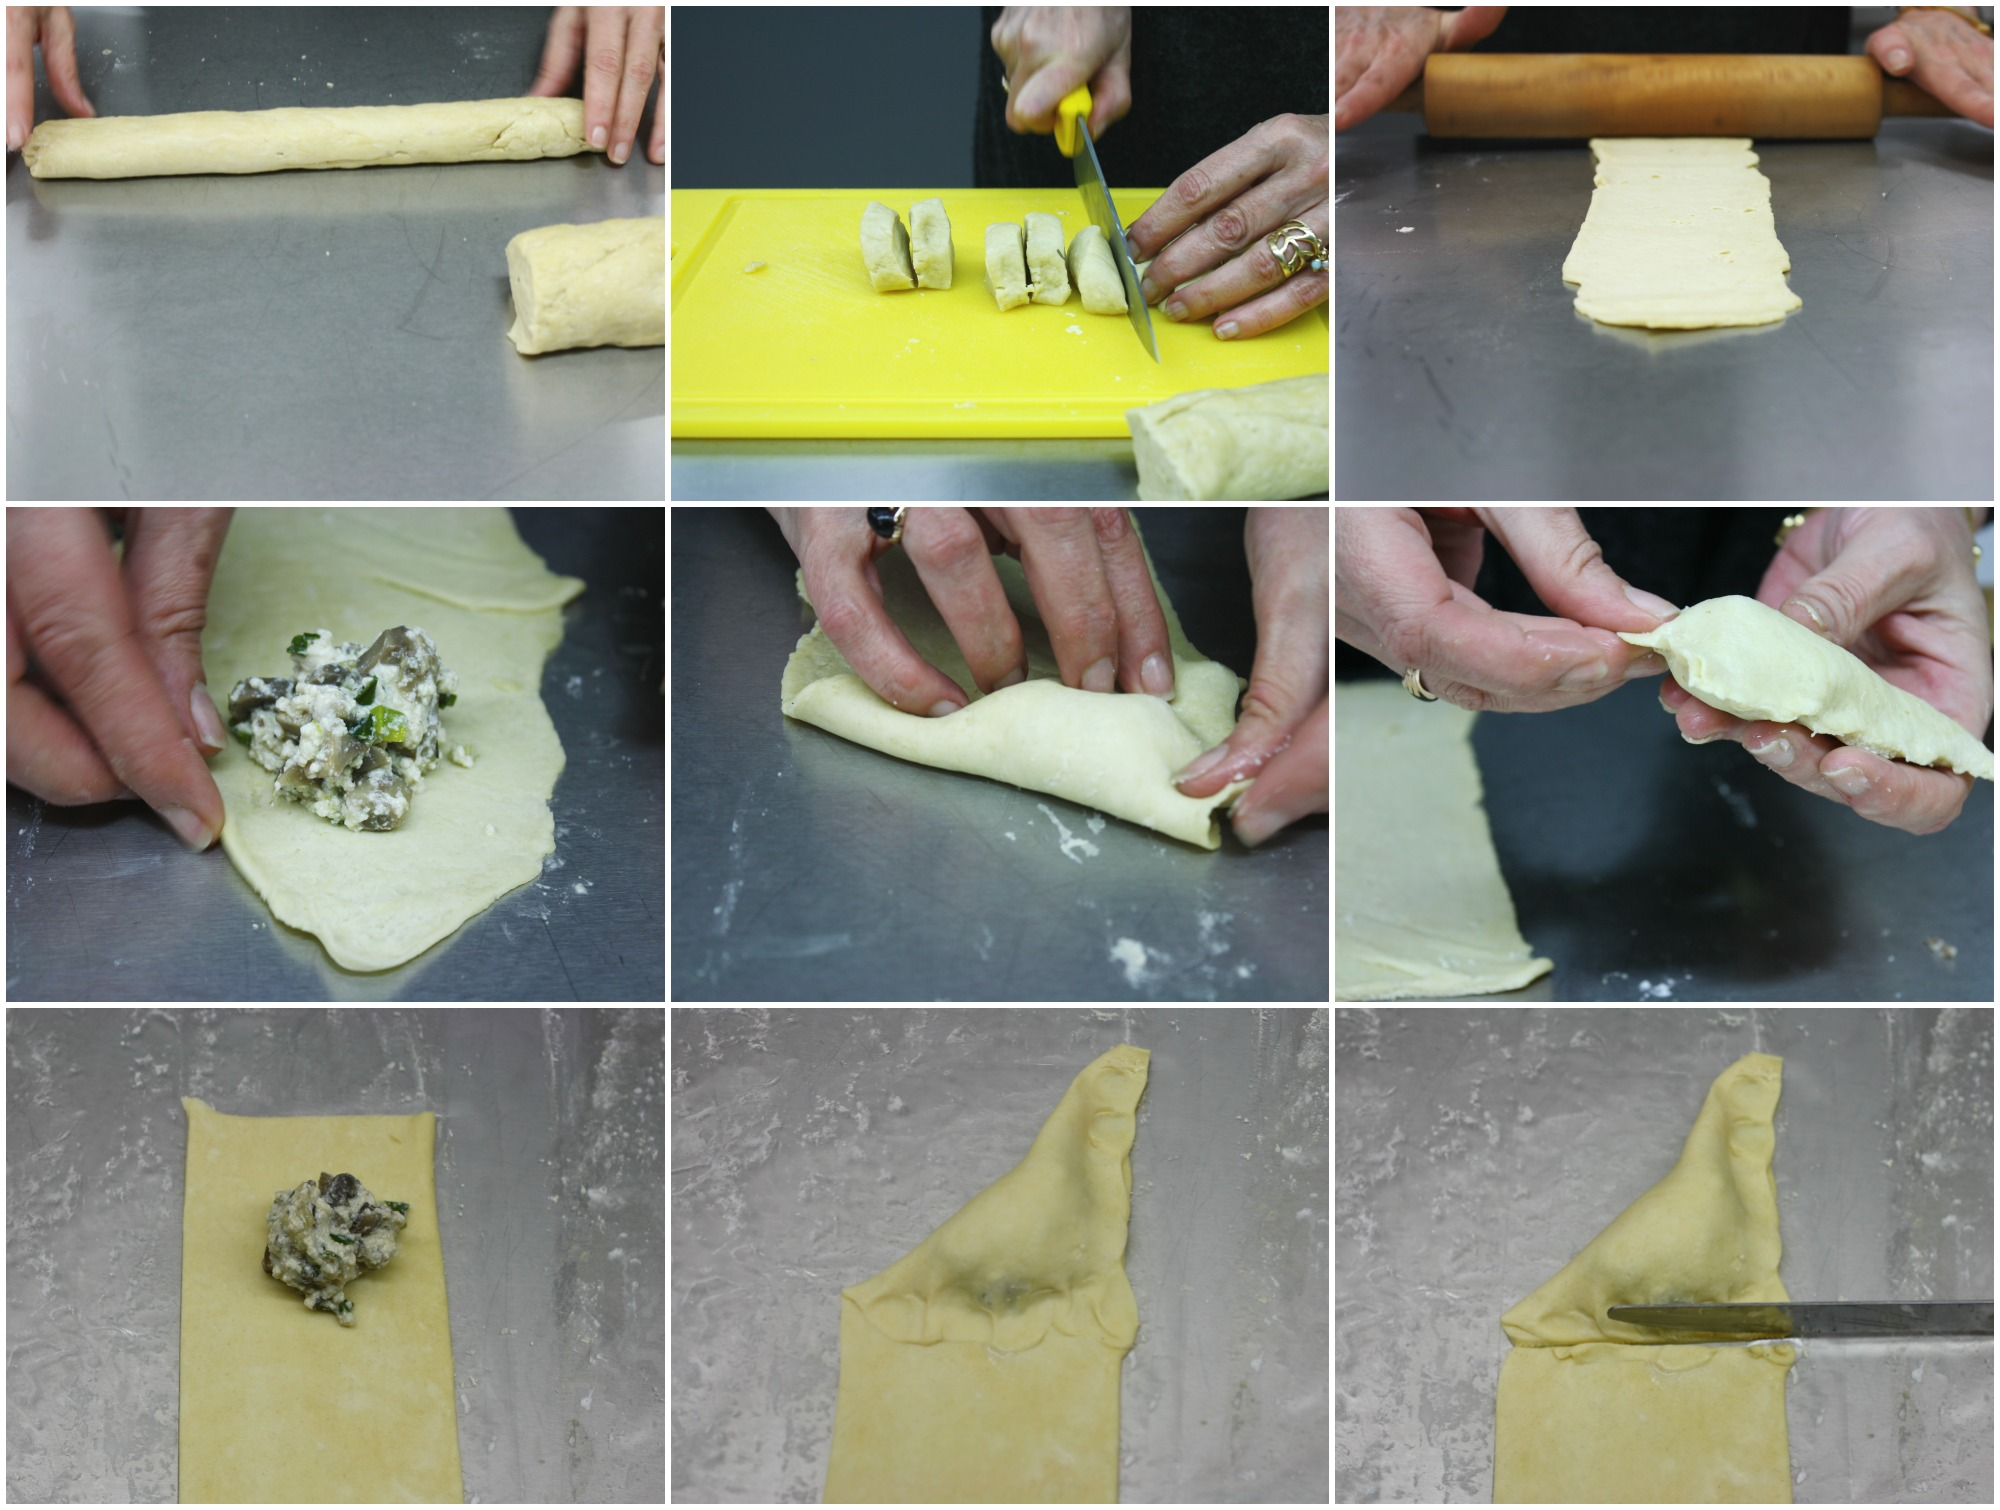 πώς να γεμίσετε μανιταροπιτάκια με σκόρδο και δεντρολίβανο